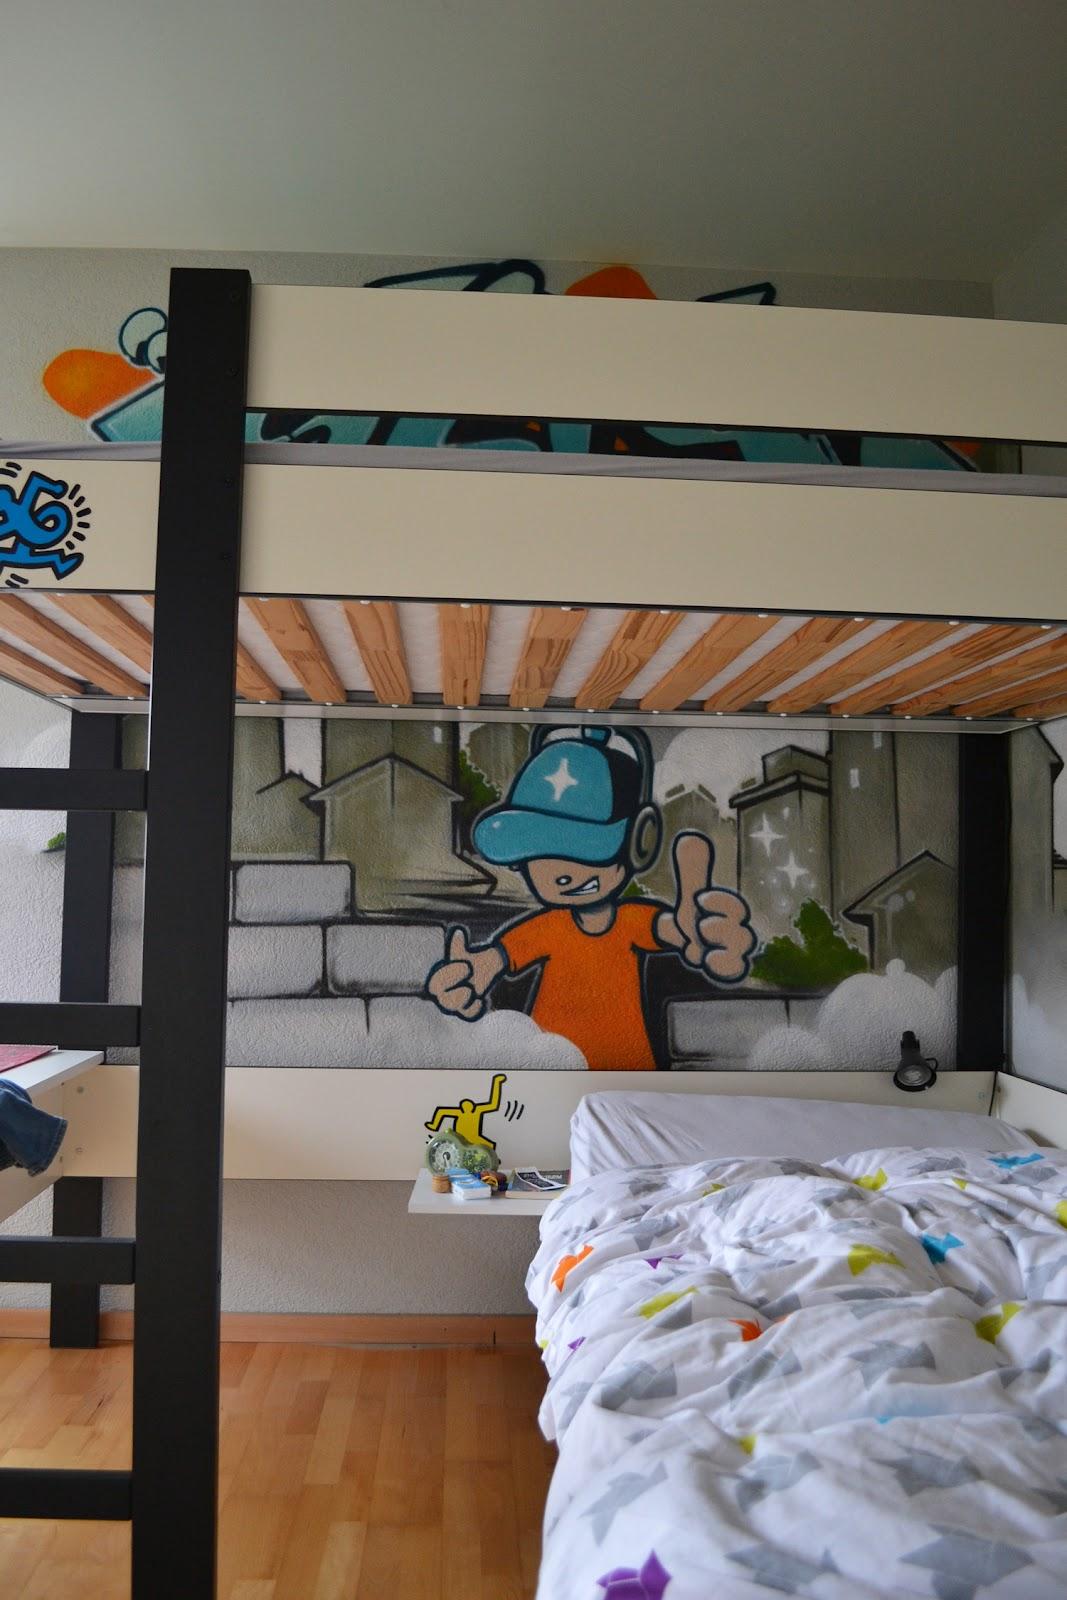 Déco graffiti pour une chambre denfant à lausanne une ambiance hip hop garantie pour le plaisir des enfants